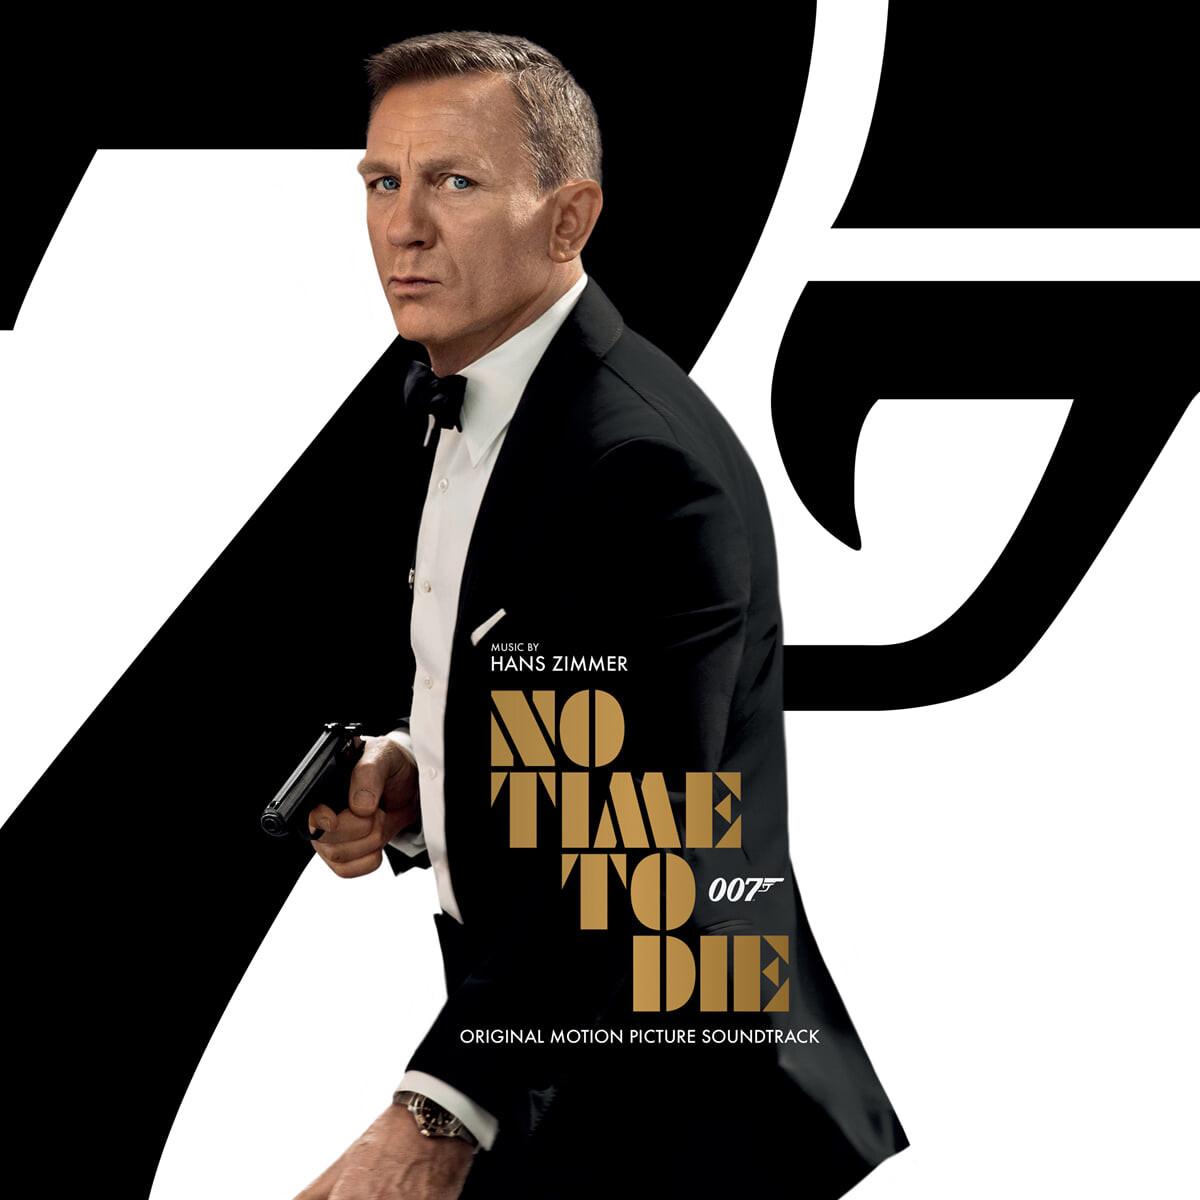 007 노 타임 투 다이 영화음악 (007 No Time To Die OST)